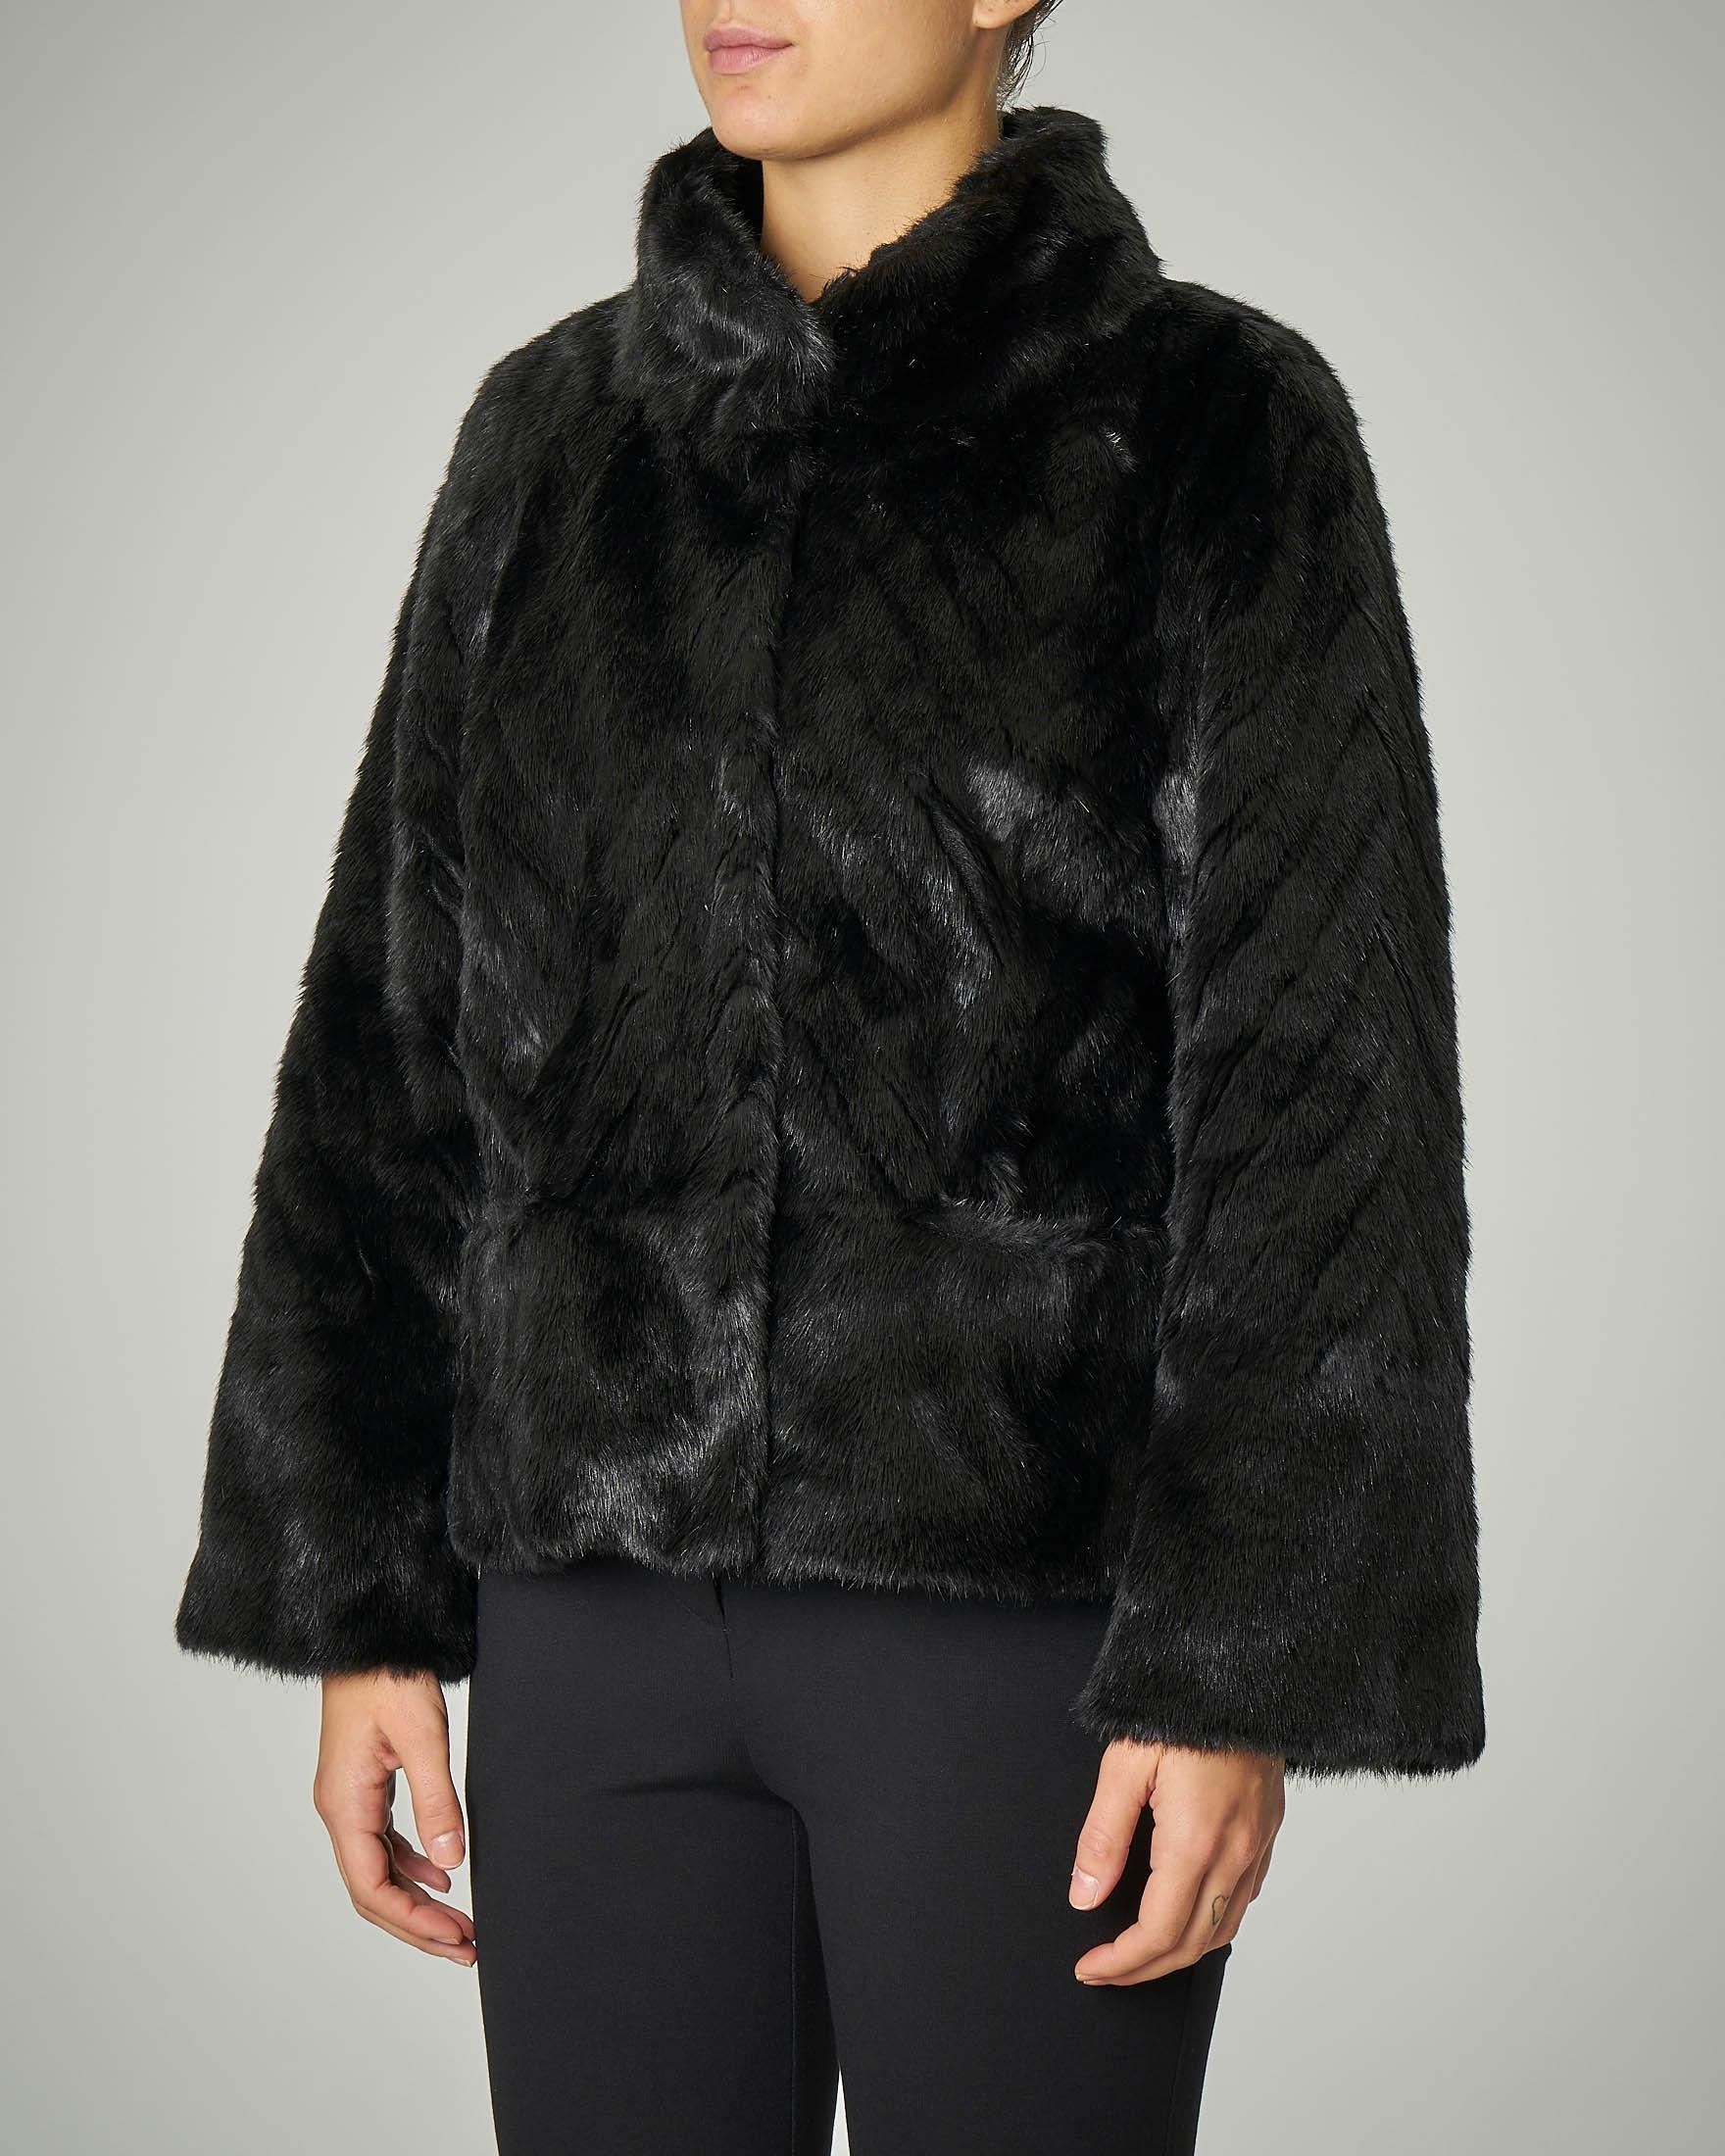 Eco pelliccia nera con collo alto e maniche tre quarti